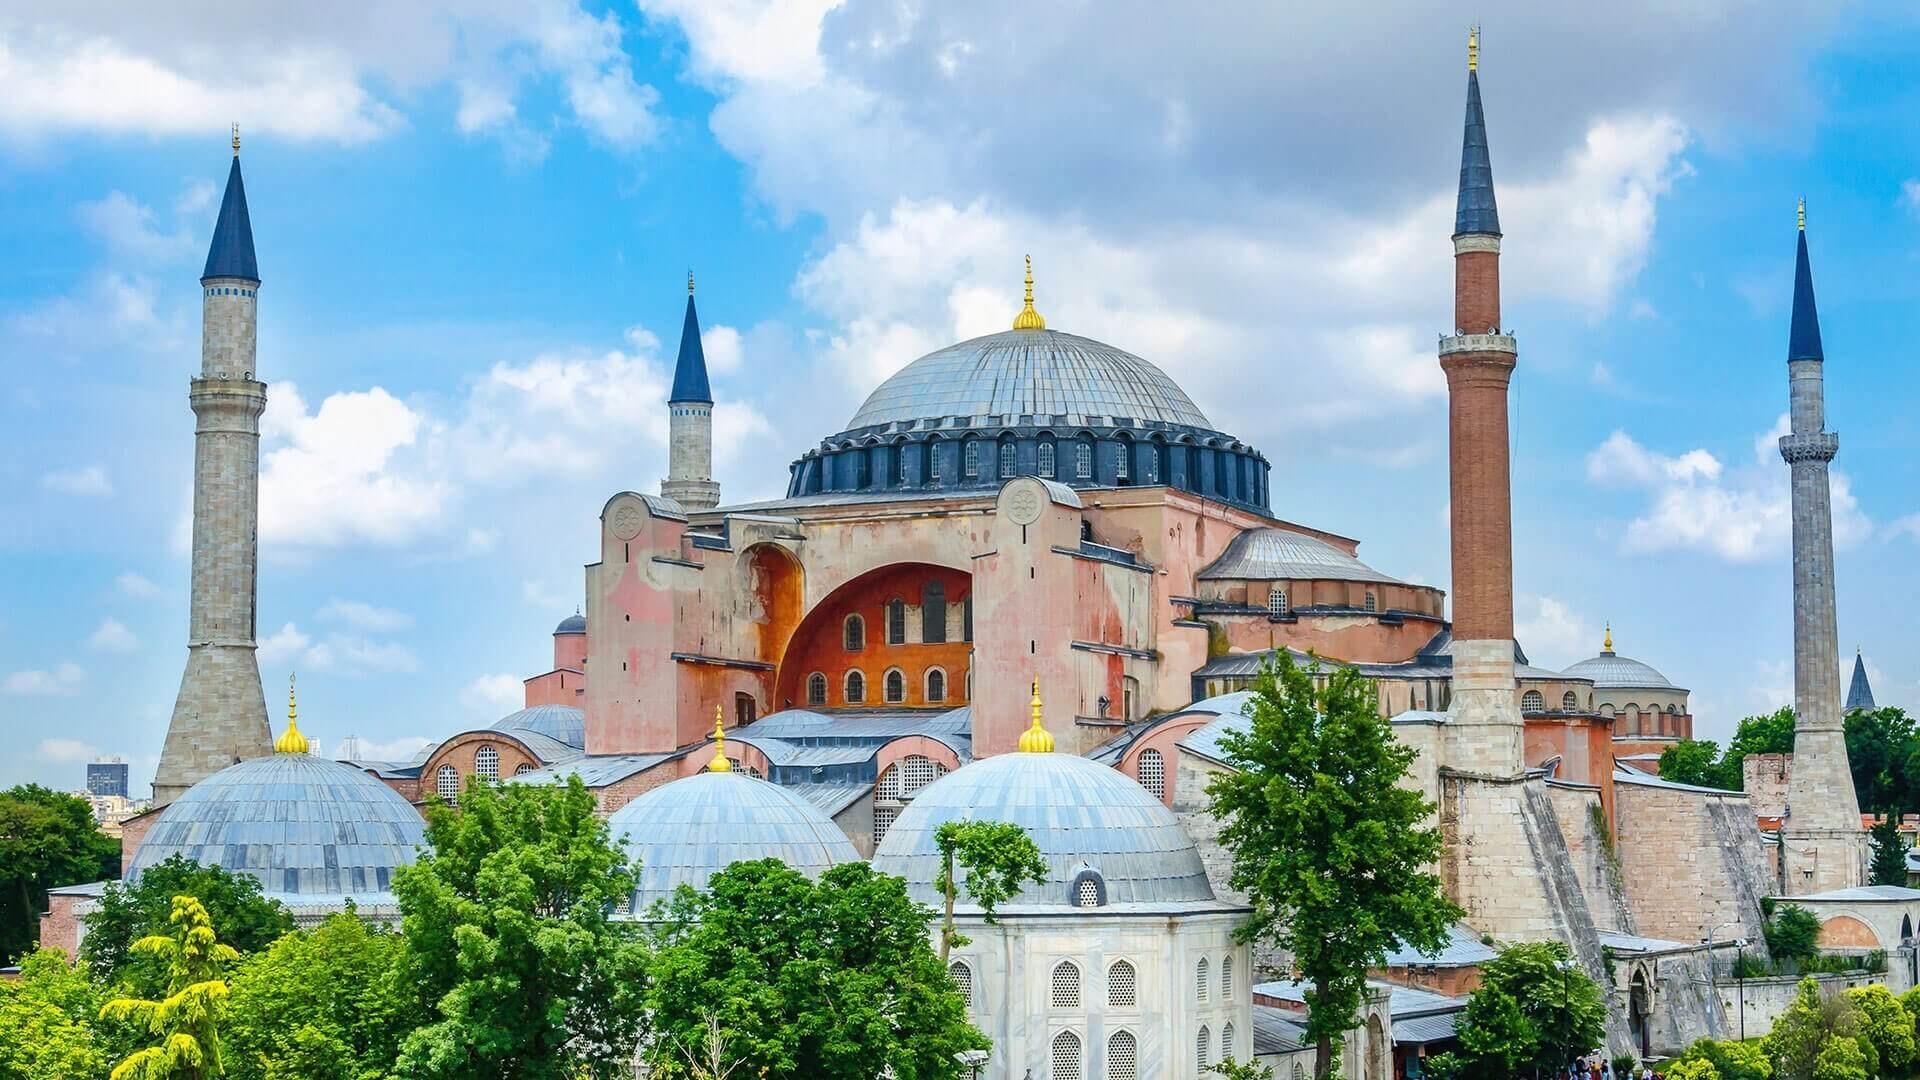 تركيا اسطنبول مسجد ايا صوفيا